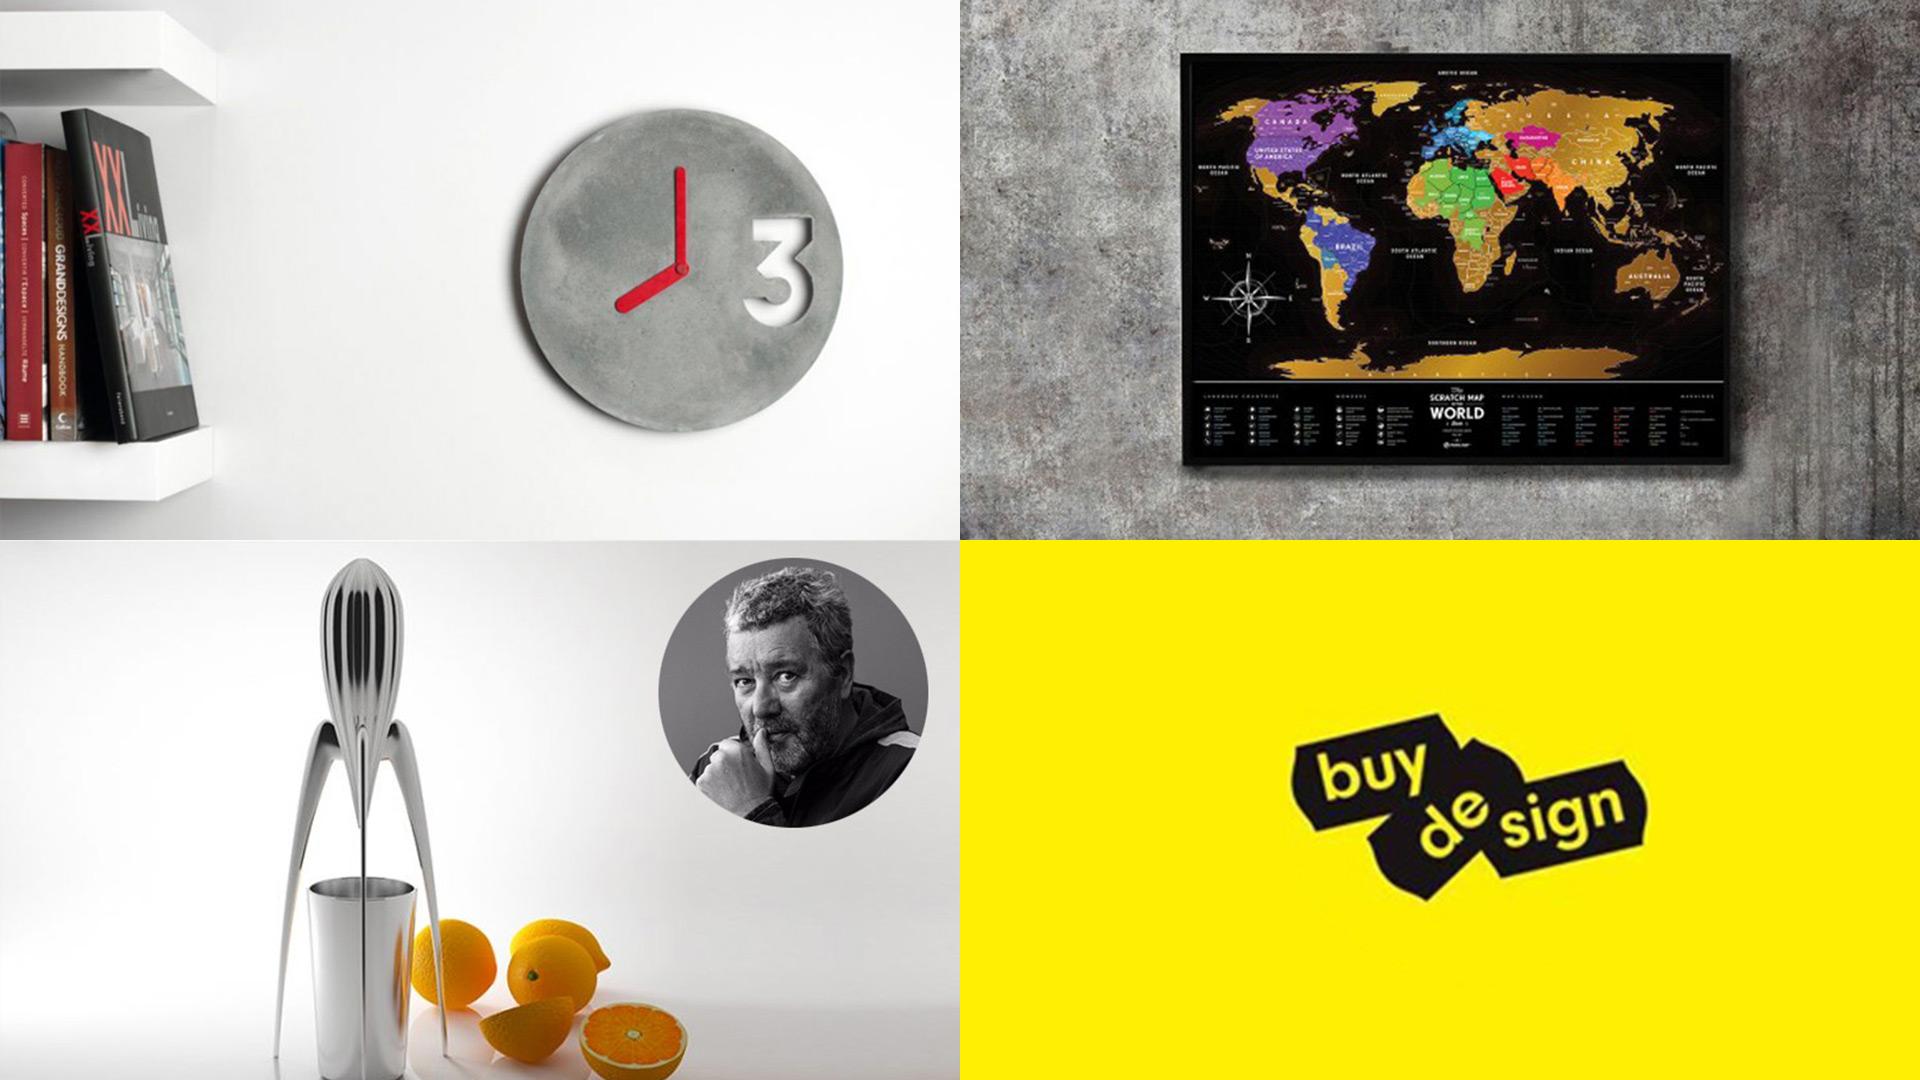 Vyhrajte betonové hodiny stírací mapu světa nebo odšťavňovač ve tvaru vesmírné rakety - www.designportal.cz